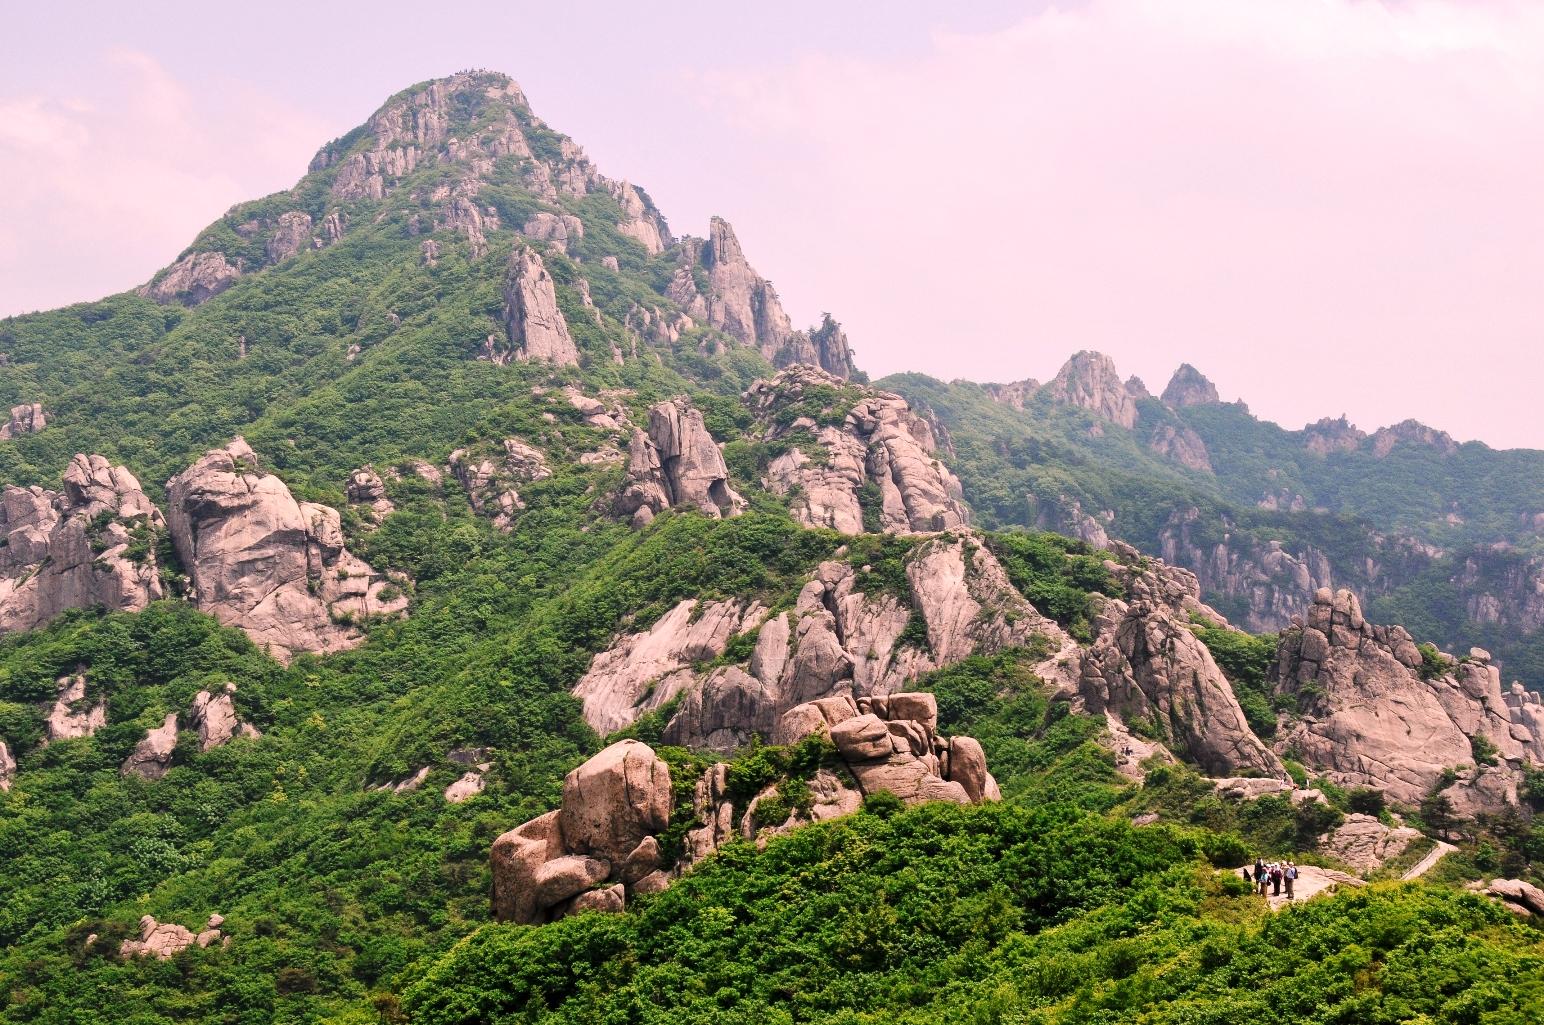 岩稜歩きが楽しい月出山(ウォルチュルサン)(2日目)